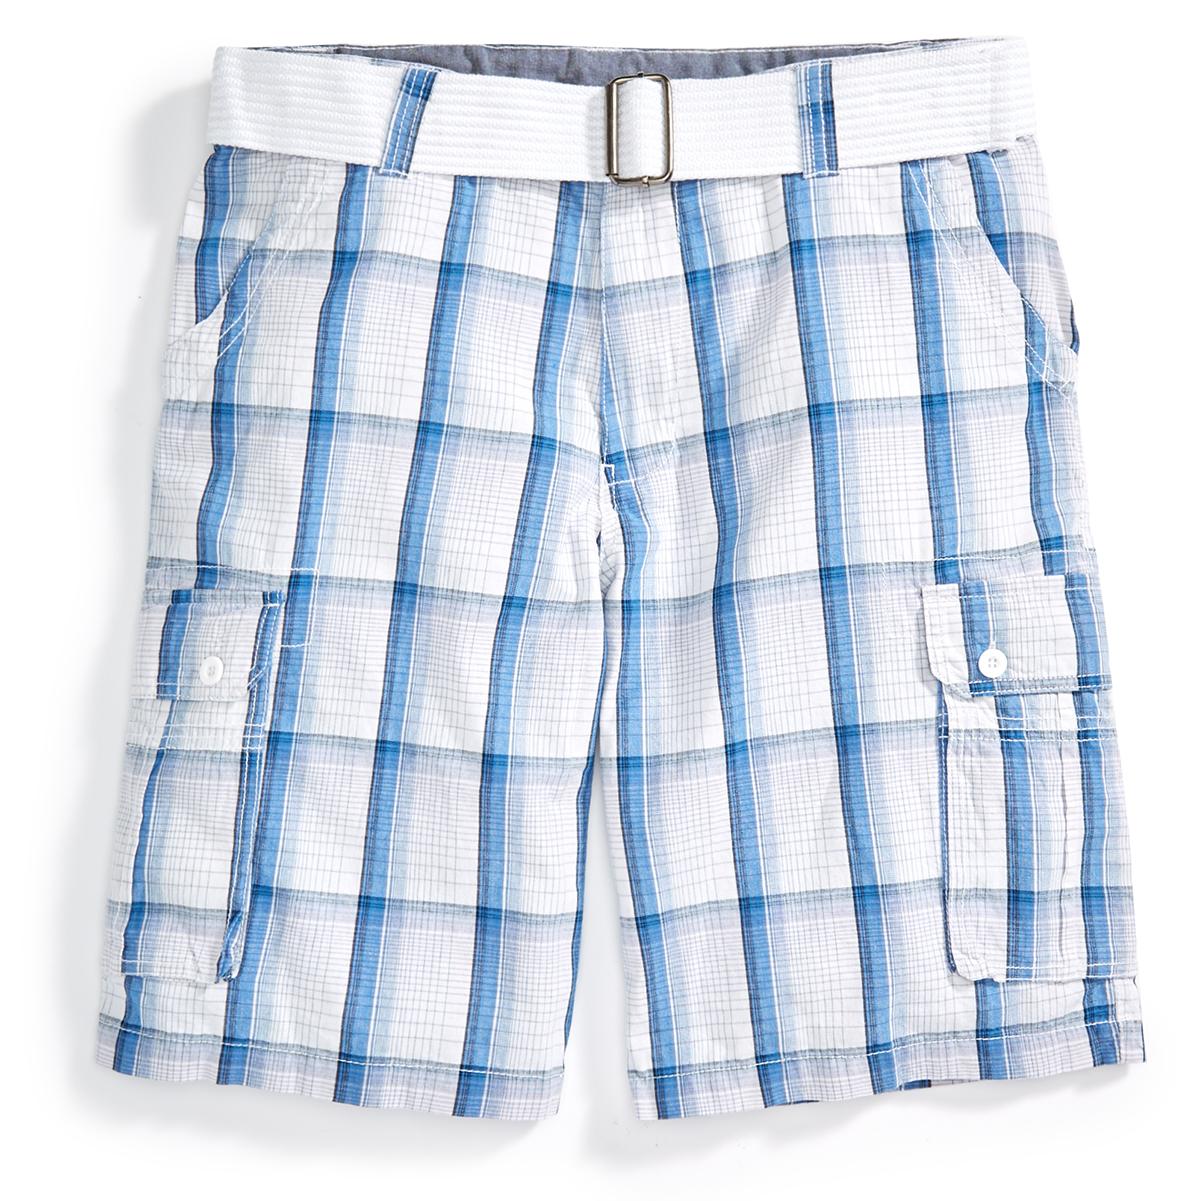 Burnside Men's Belted Cargo Shorts - White, 34